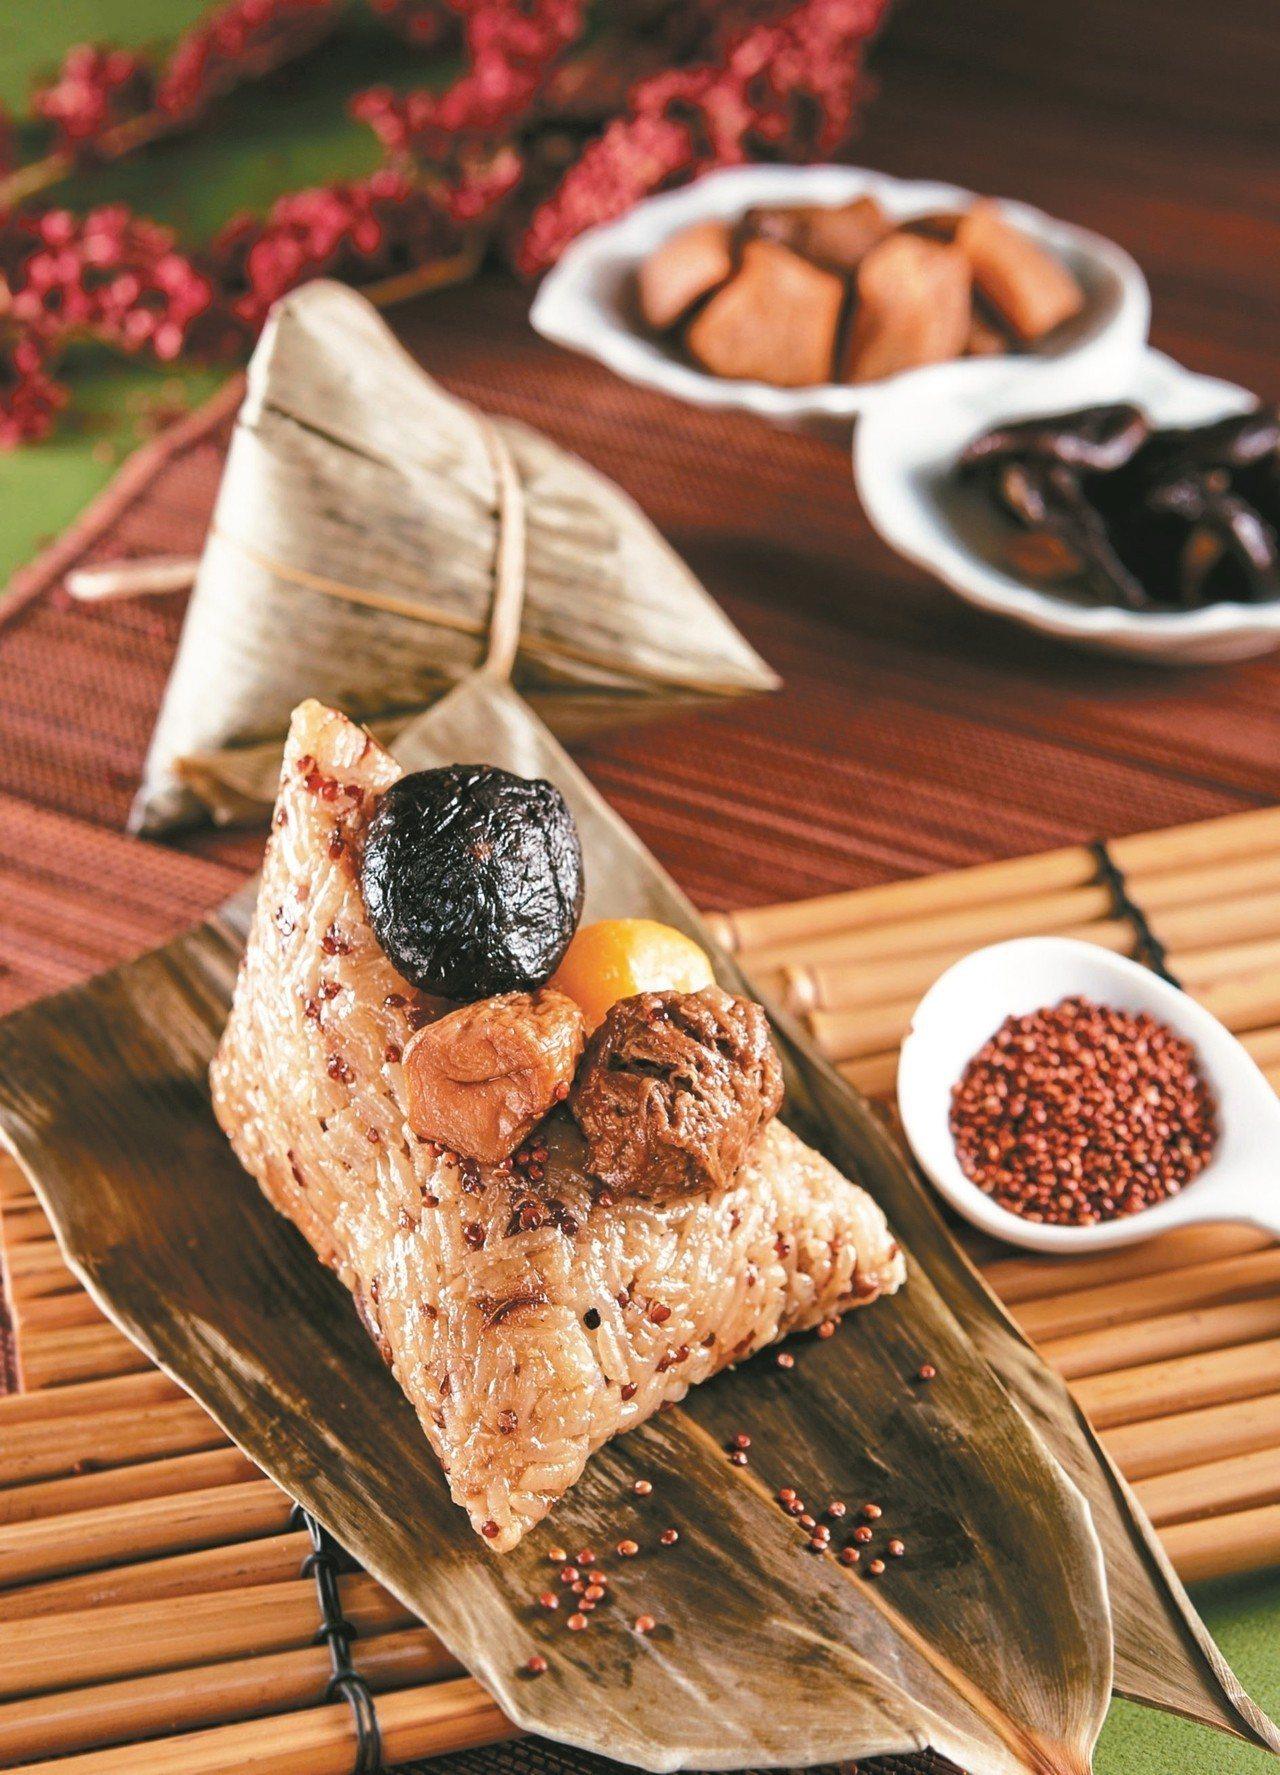 蛋奶素者可品嘗「紅藜杏鮑菇粽」,每顆特價75元。 圖/新東陽提供